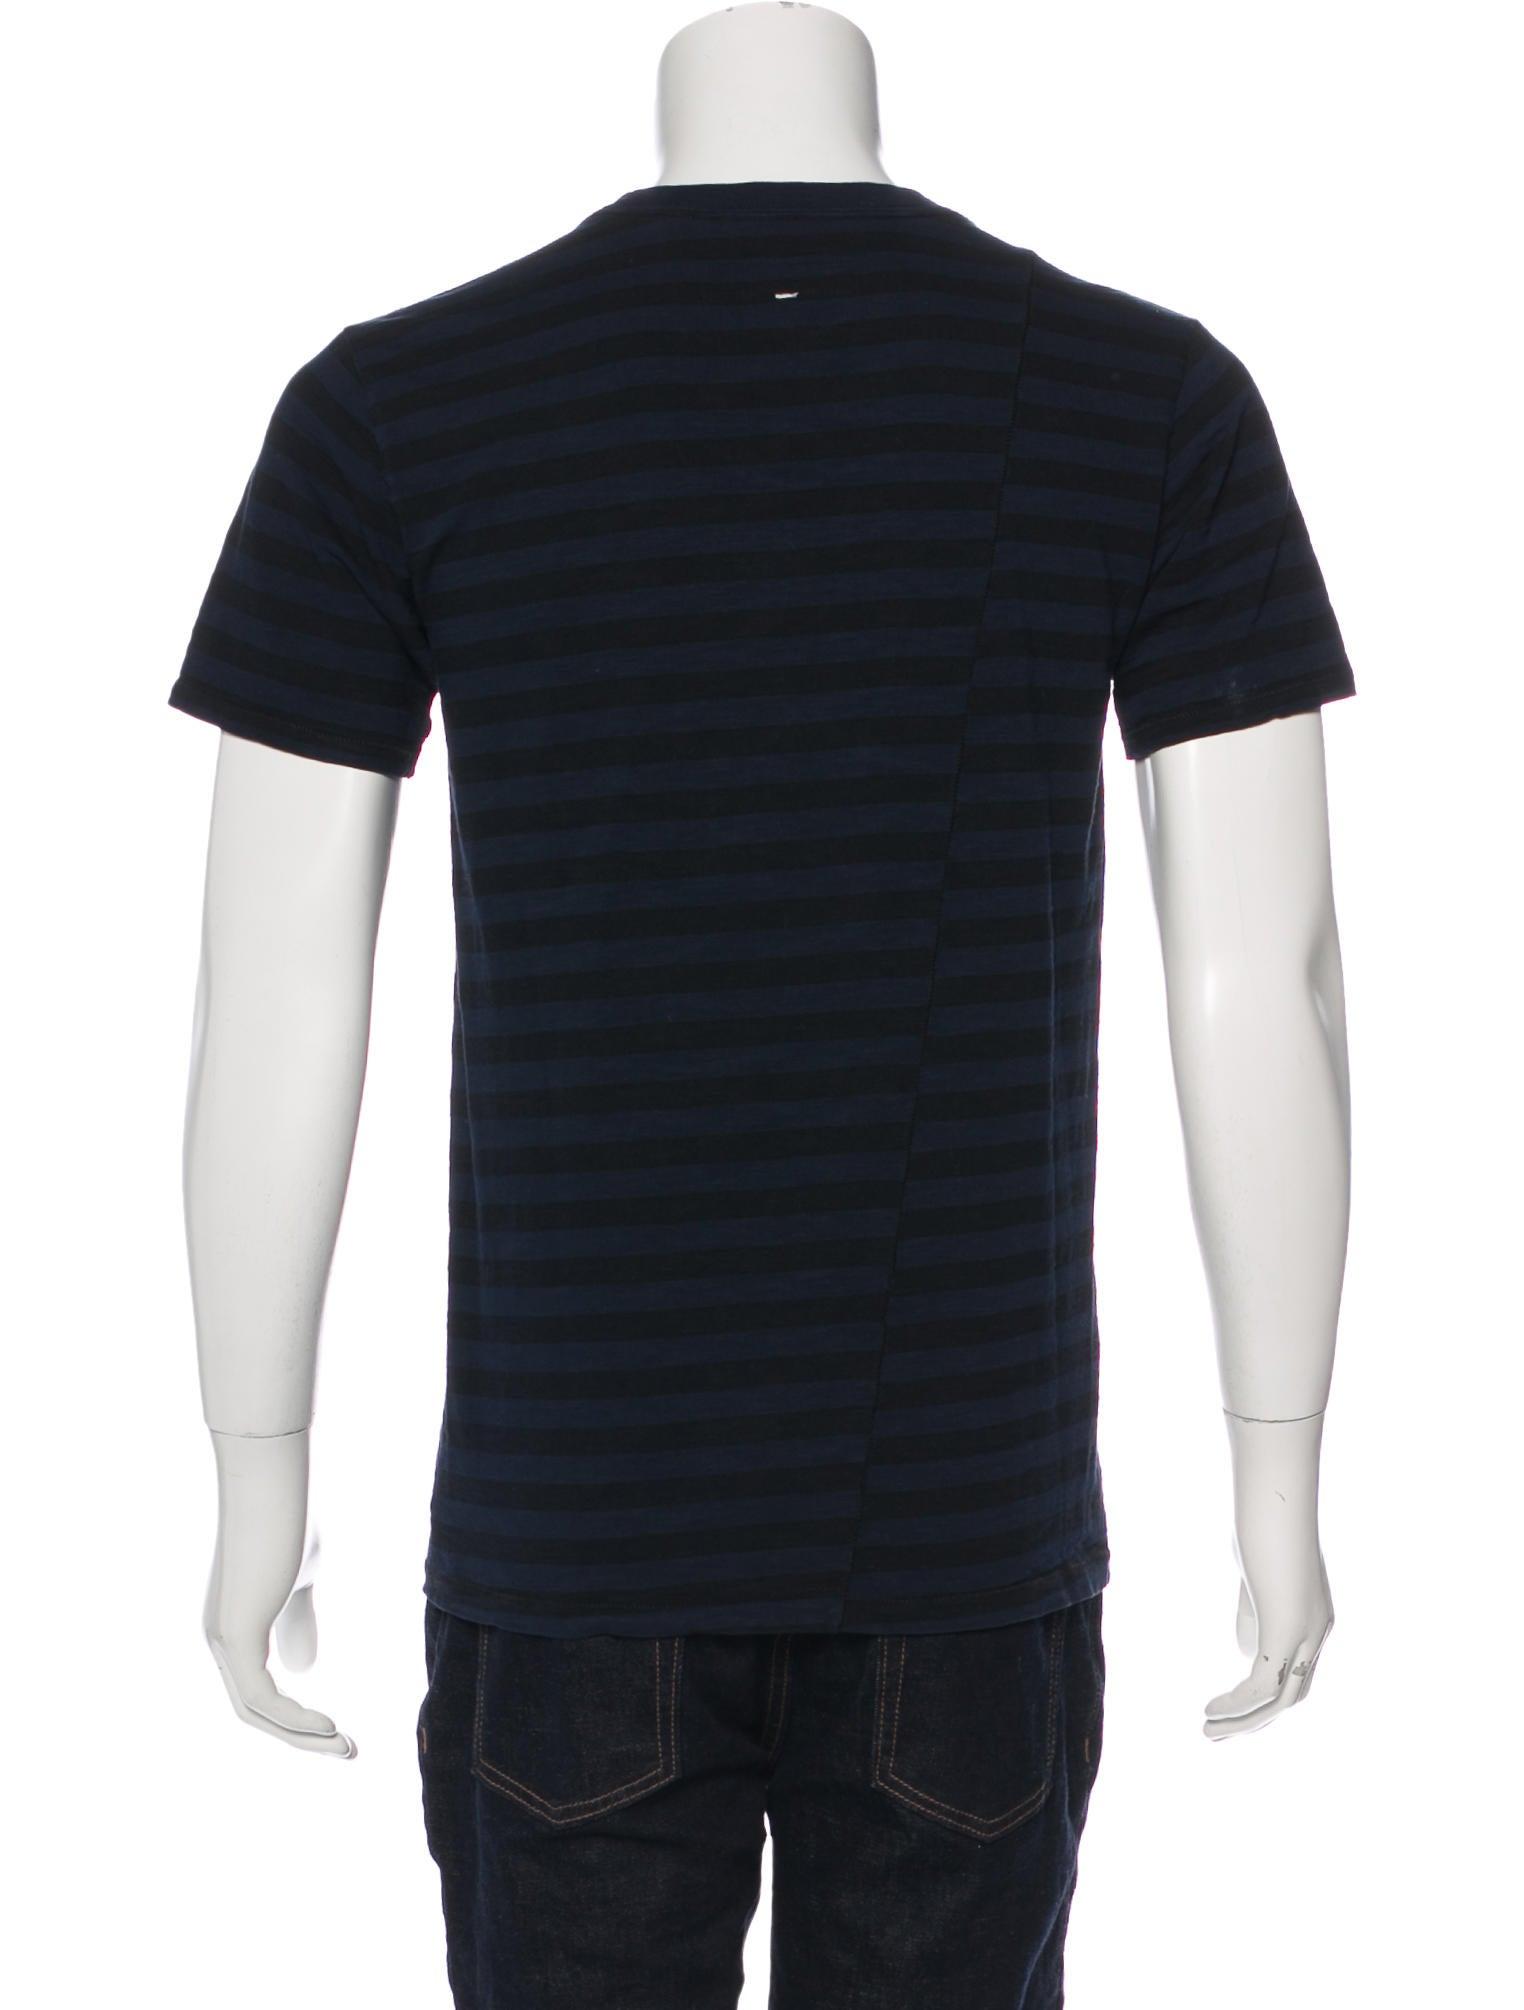 Rag bone striped pocket t shirt clothing wragb89034 for Rag bone shirt